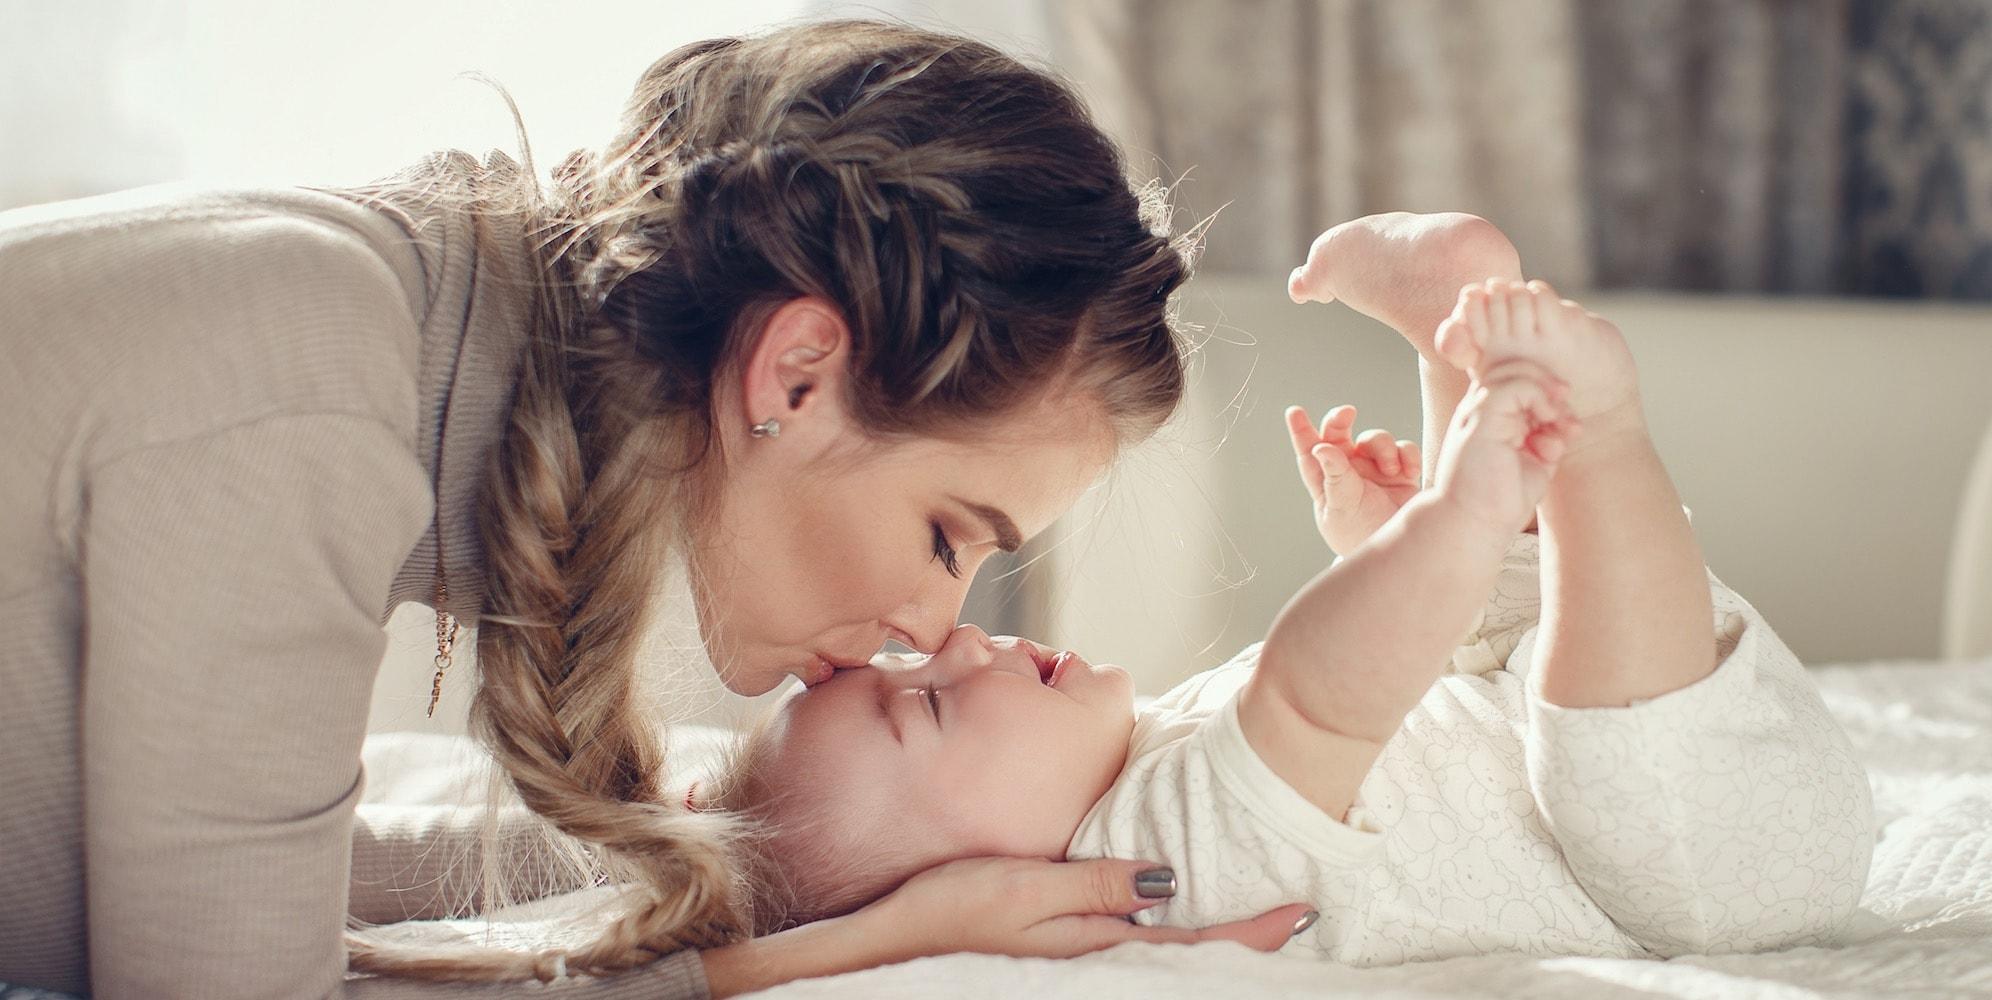 यामुळे बाळाची रोगप्रतिकारकशक्ती वाढते. स्तनपानामुळे बाळाची शारीरिक आणि मानसिक विकास होण्यास मदत होते. ज्या बाळांना आईचं दूध मिळत नाही त्यांना संक्रमणाचा धोका सर्वाधिक असतो.